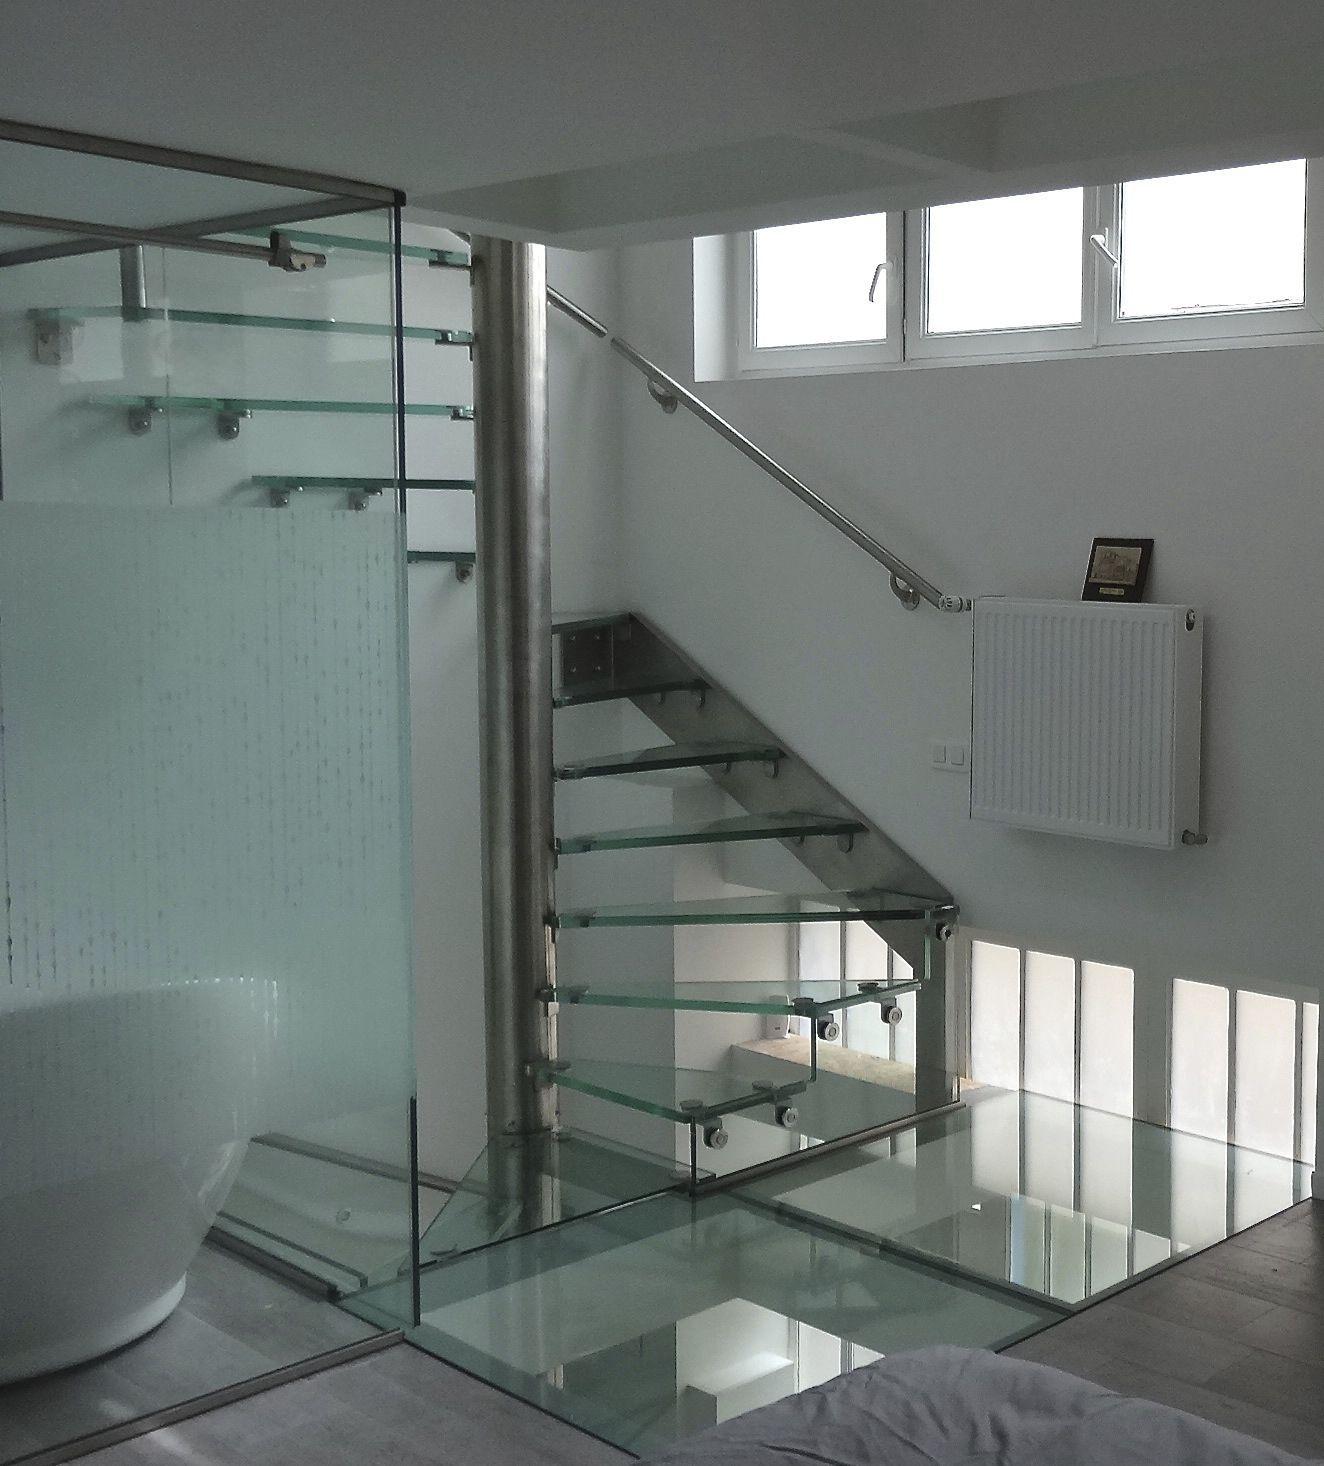 escalera de caracol cuadrada helicoidal con peldaos de vidrio estructura de acero inoxidable pivot